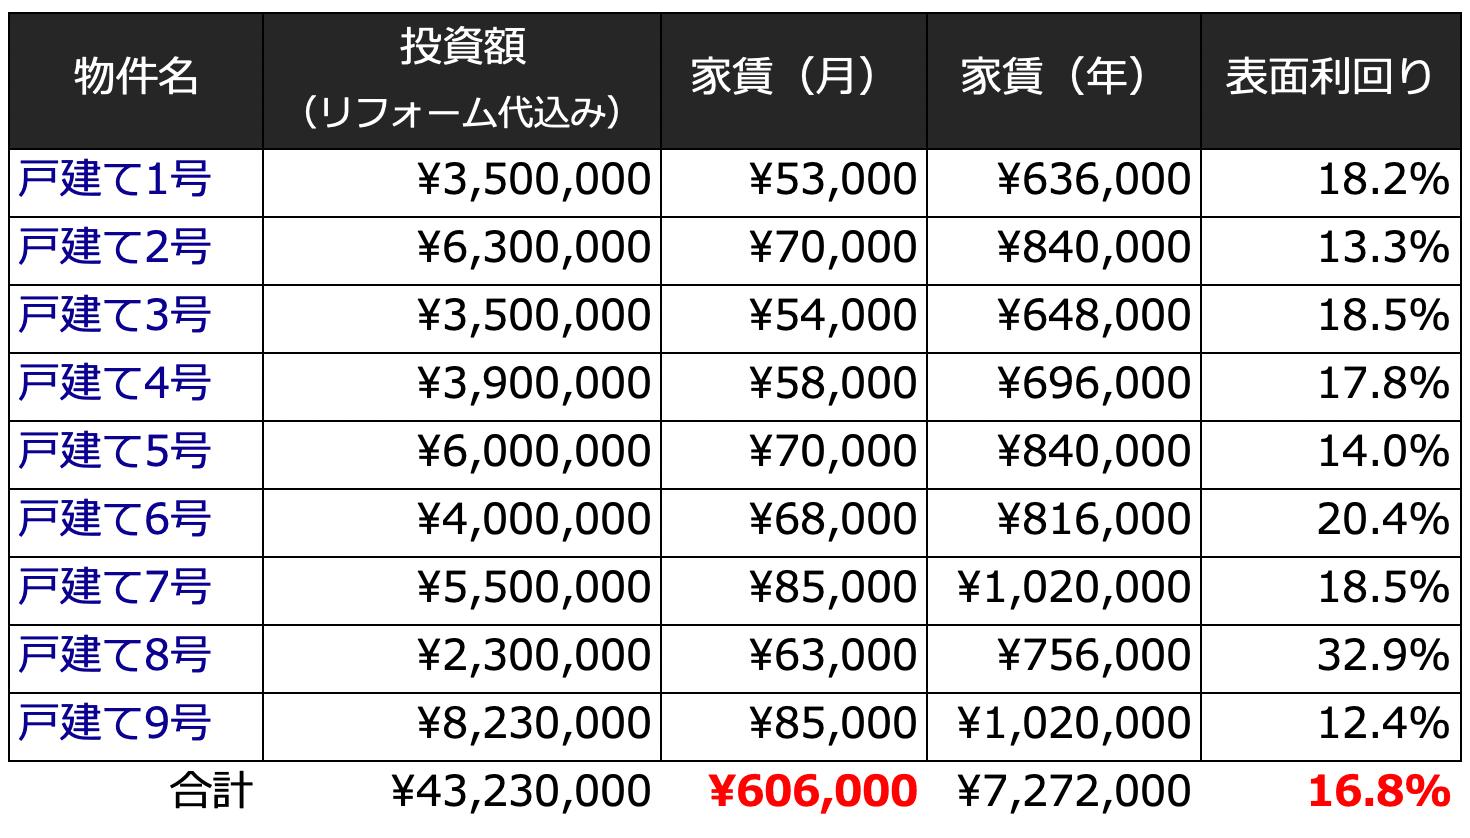 戸建ての家賃収入